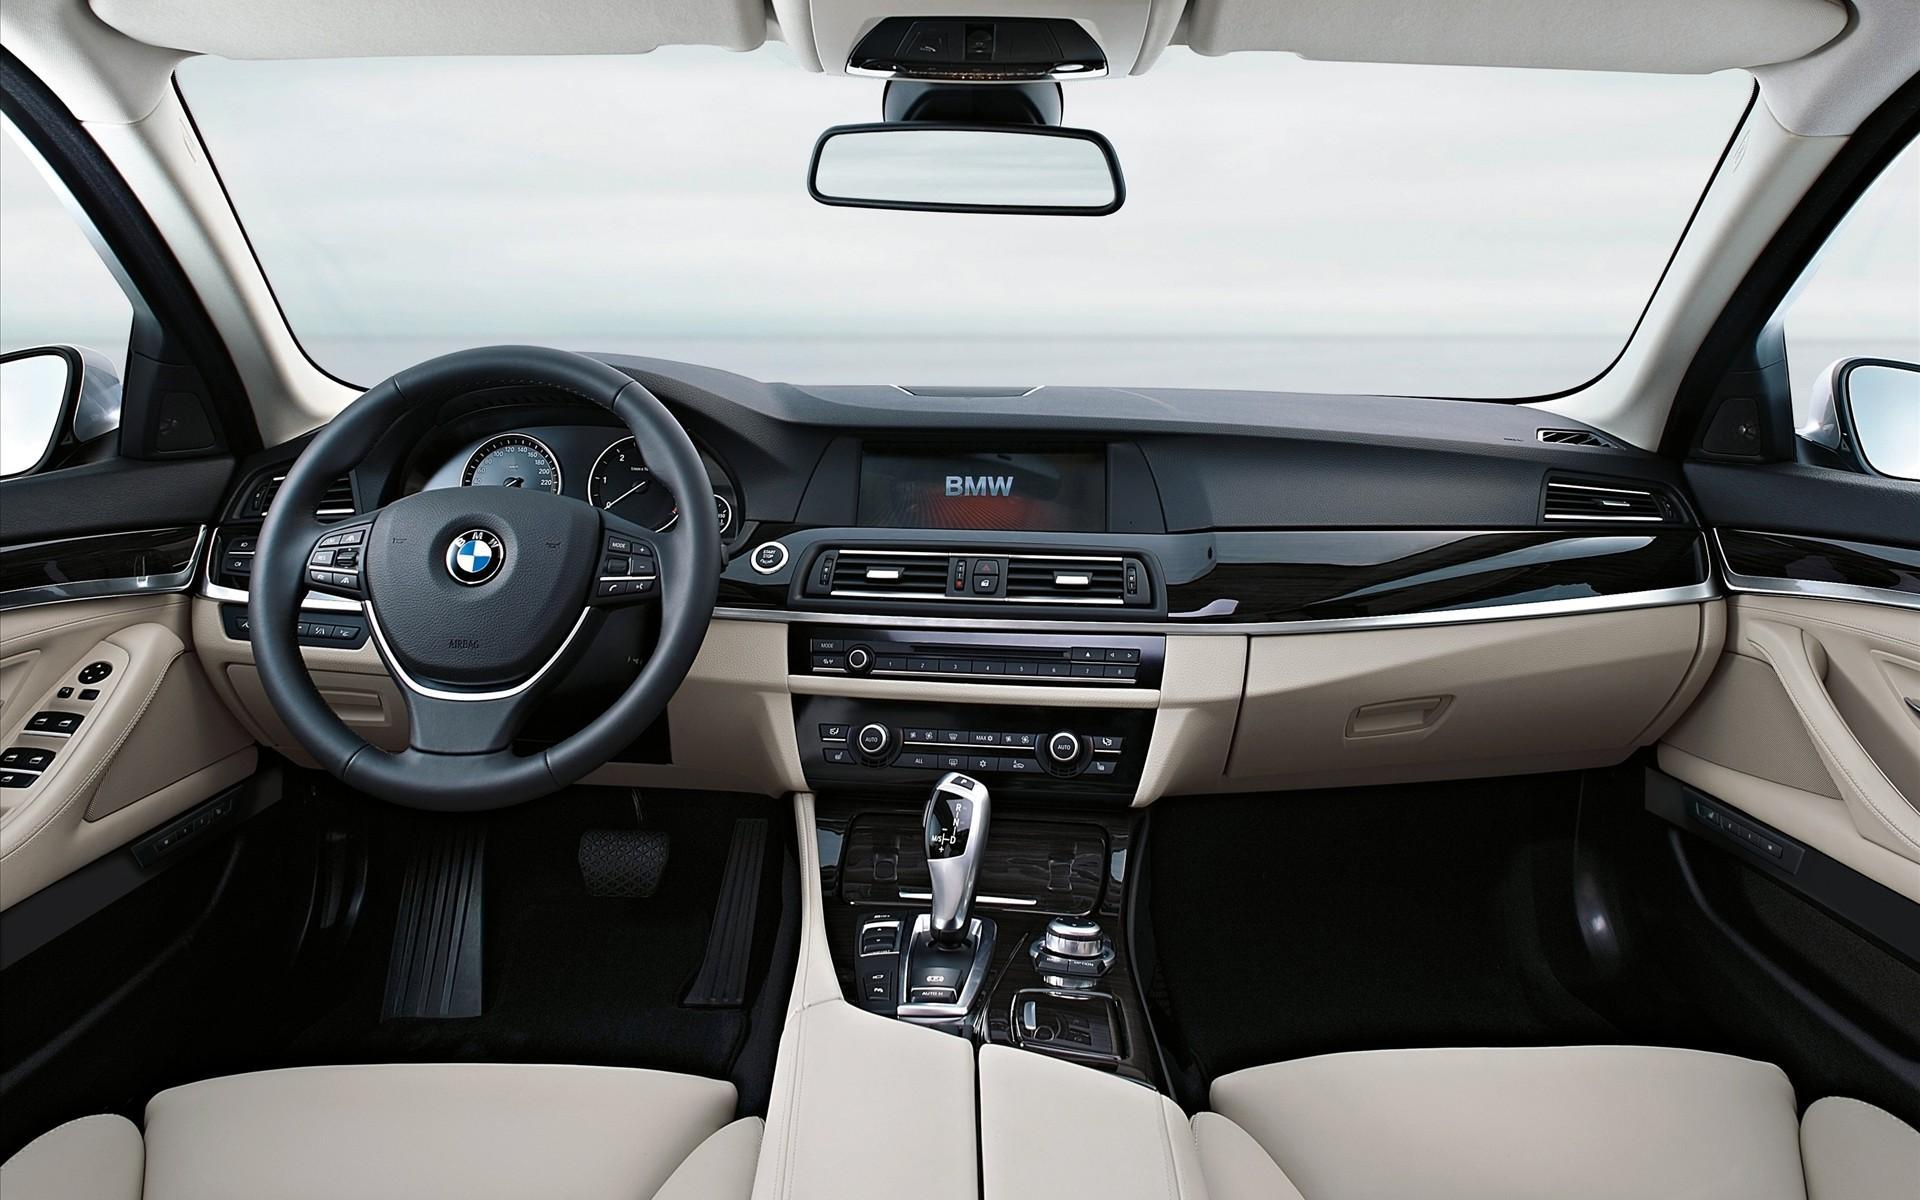 宝马 BMW 5系 汽车 交通工具 轿车 内饰 方向盘 仪表